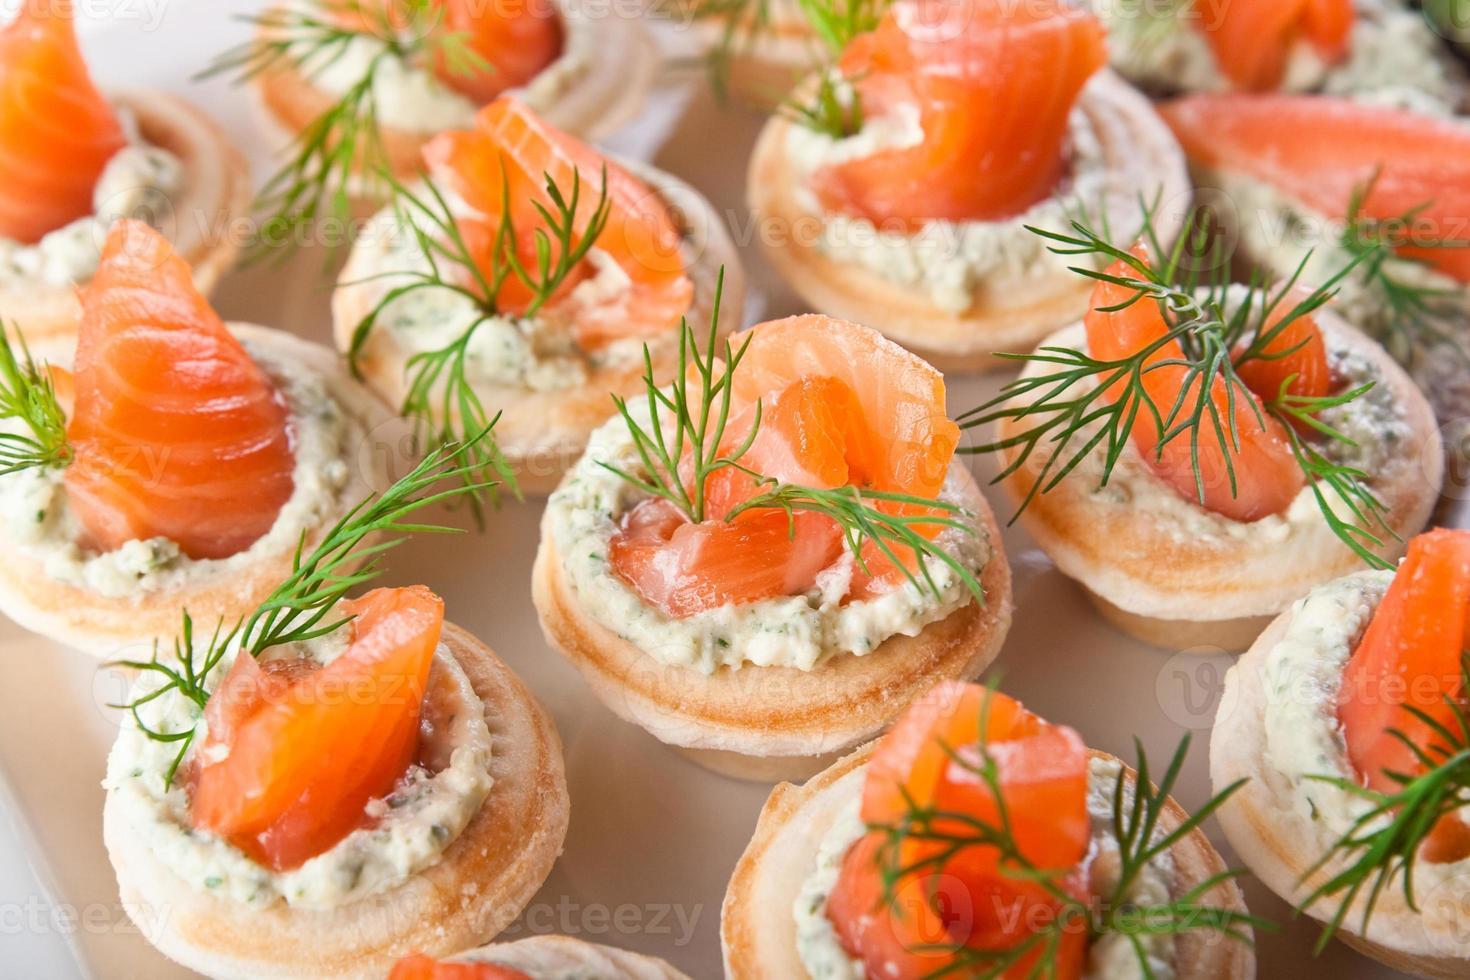 sabrosos bocadillos con salmón y relleno de cabaña foto